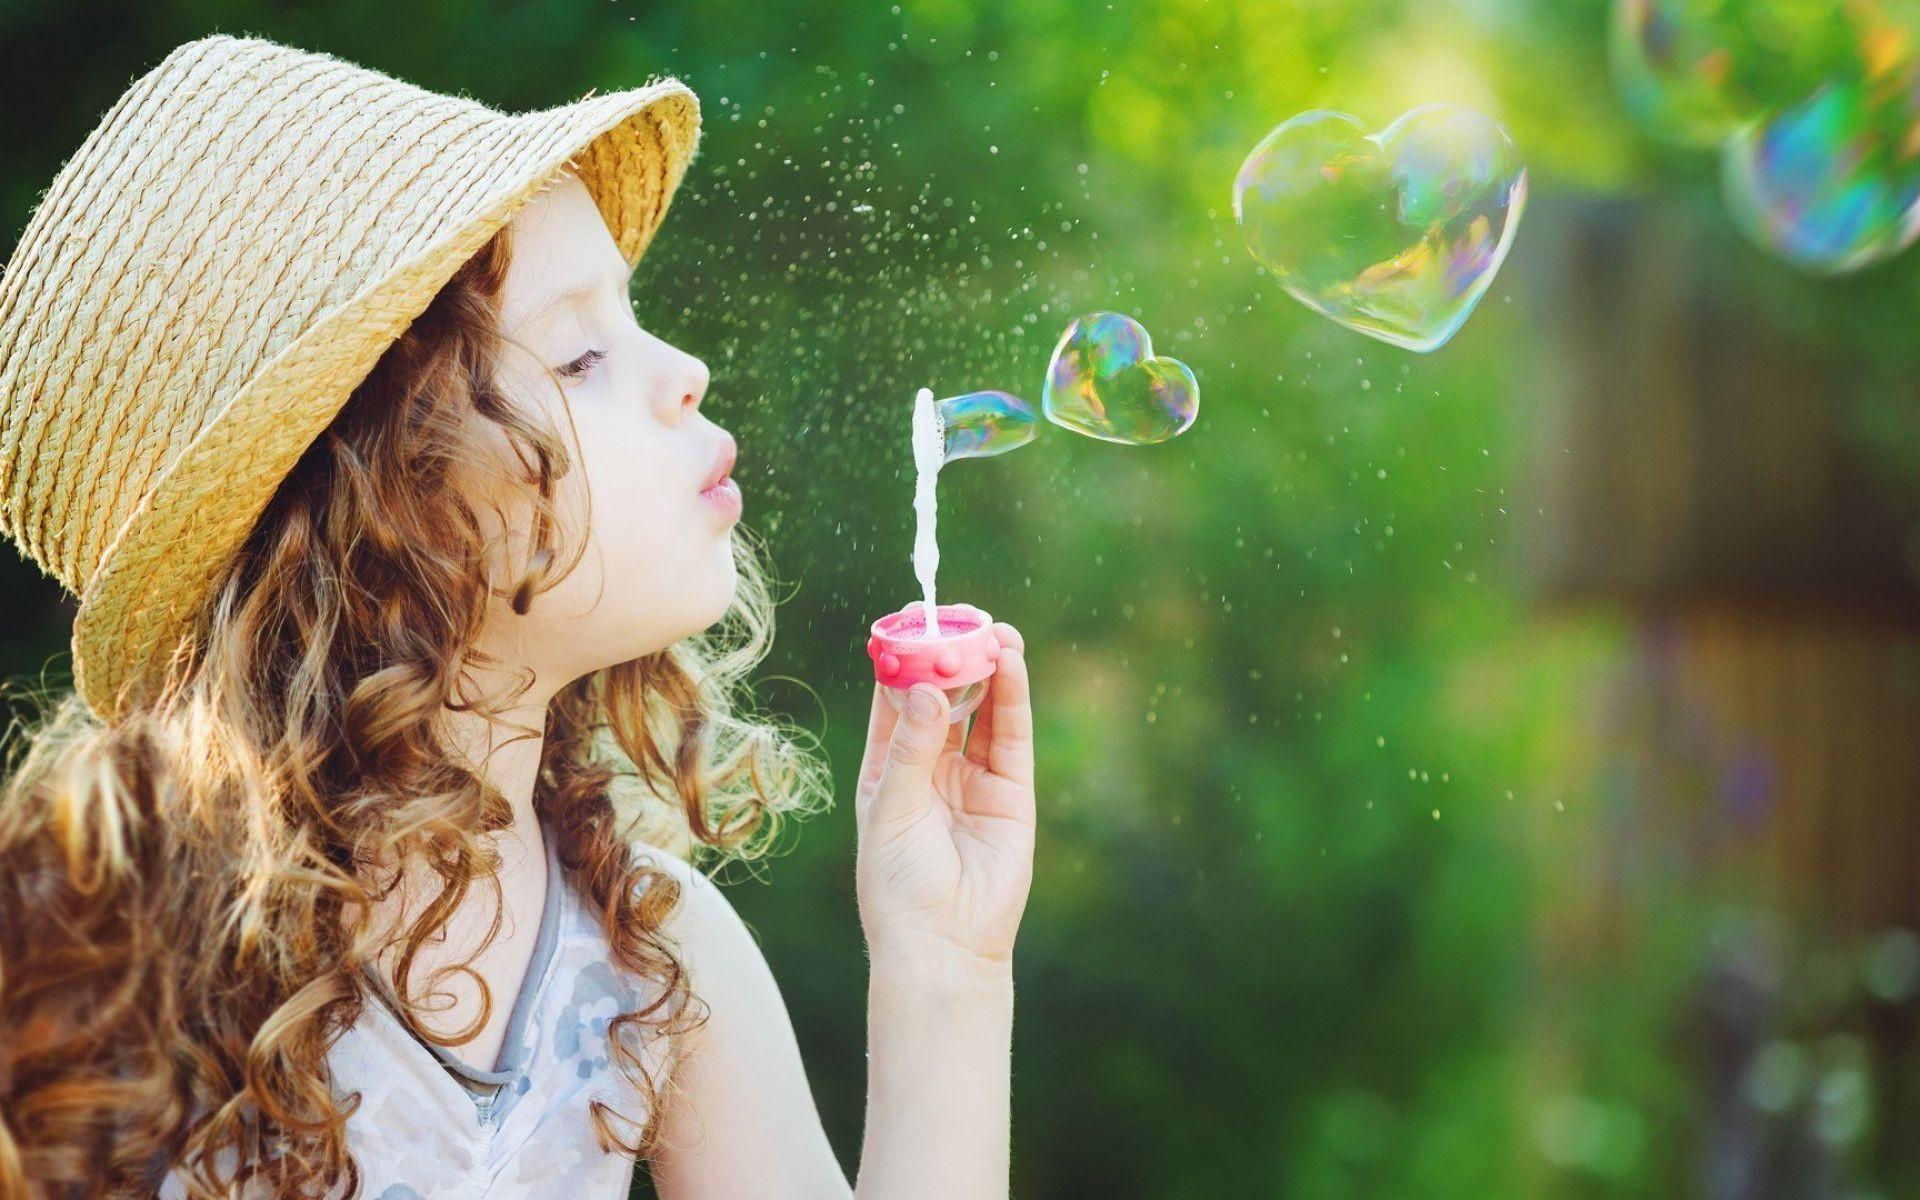 милая девочка с мыльными пузырями  № 1823184 бесплатно